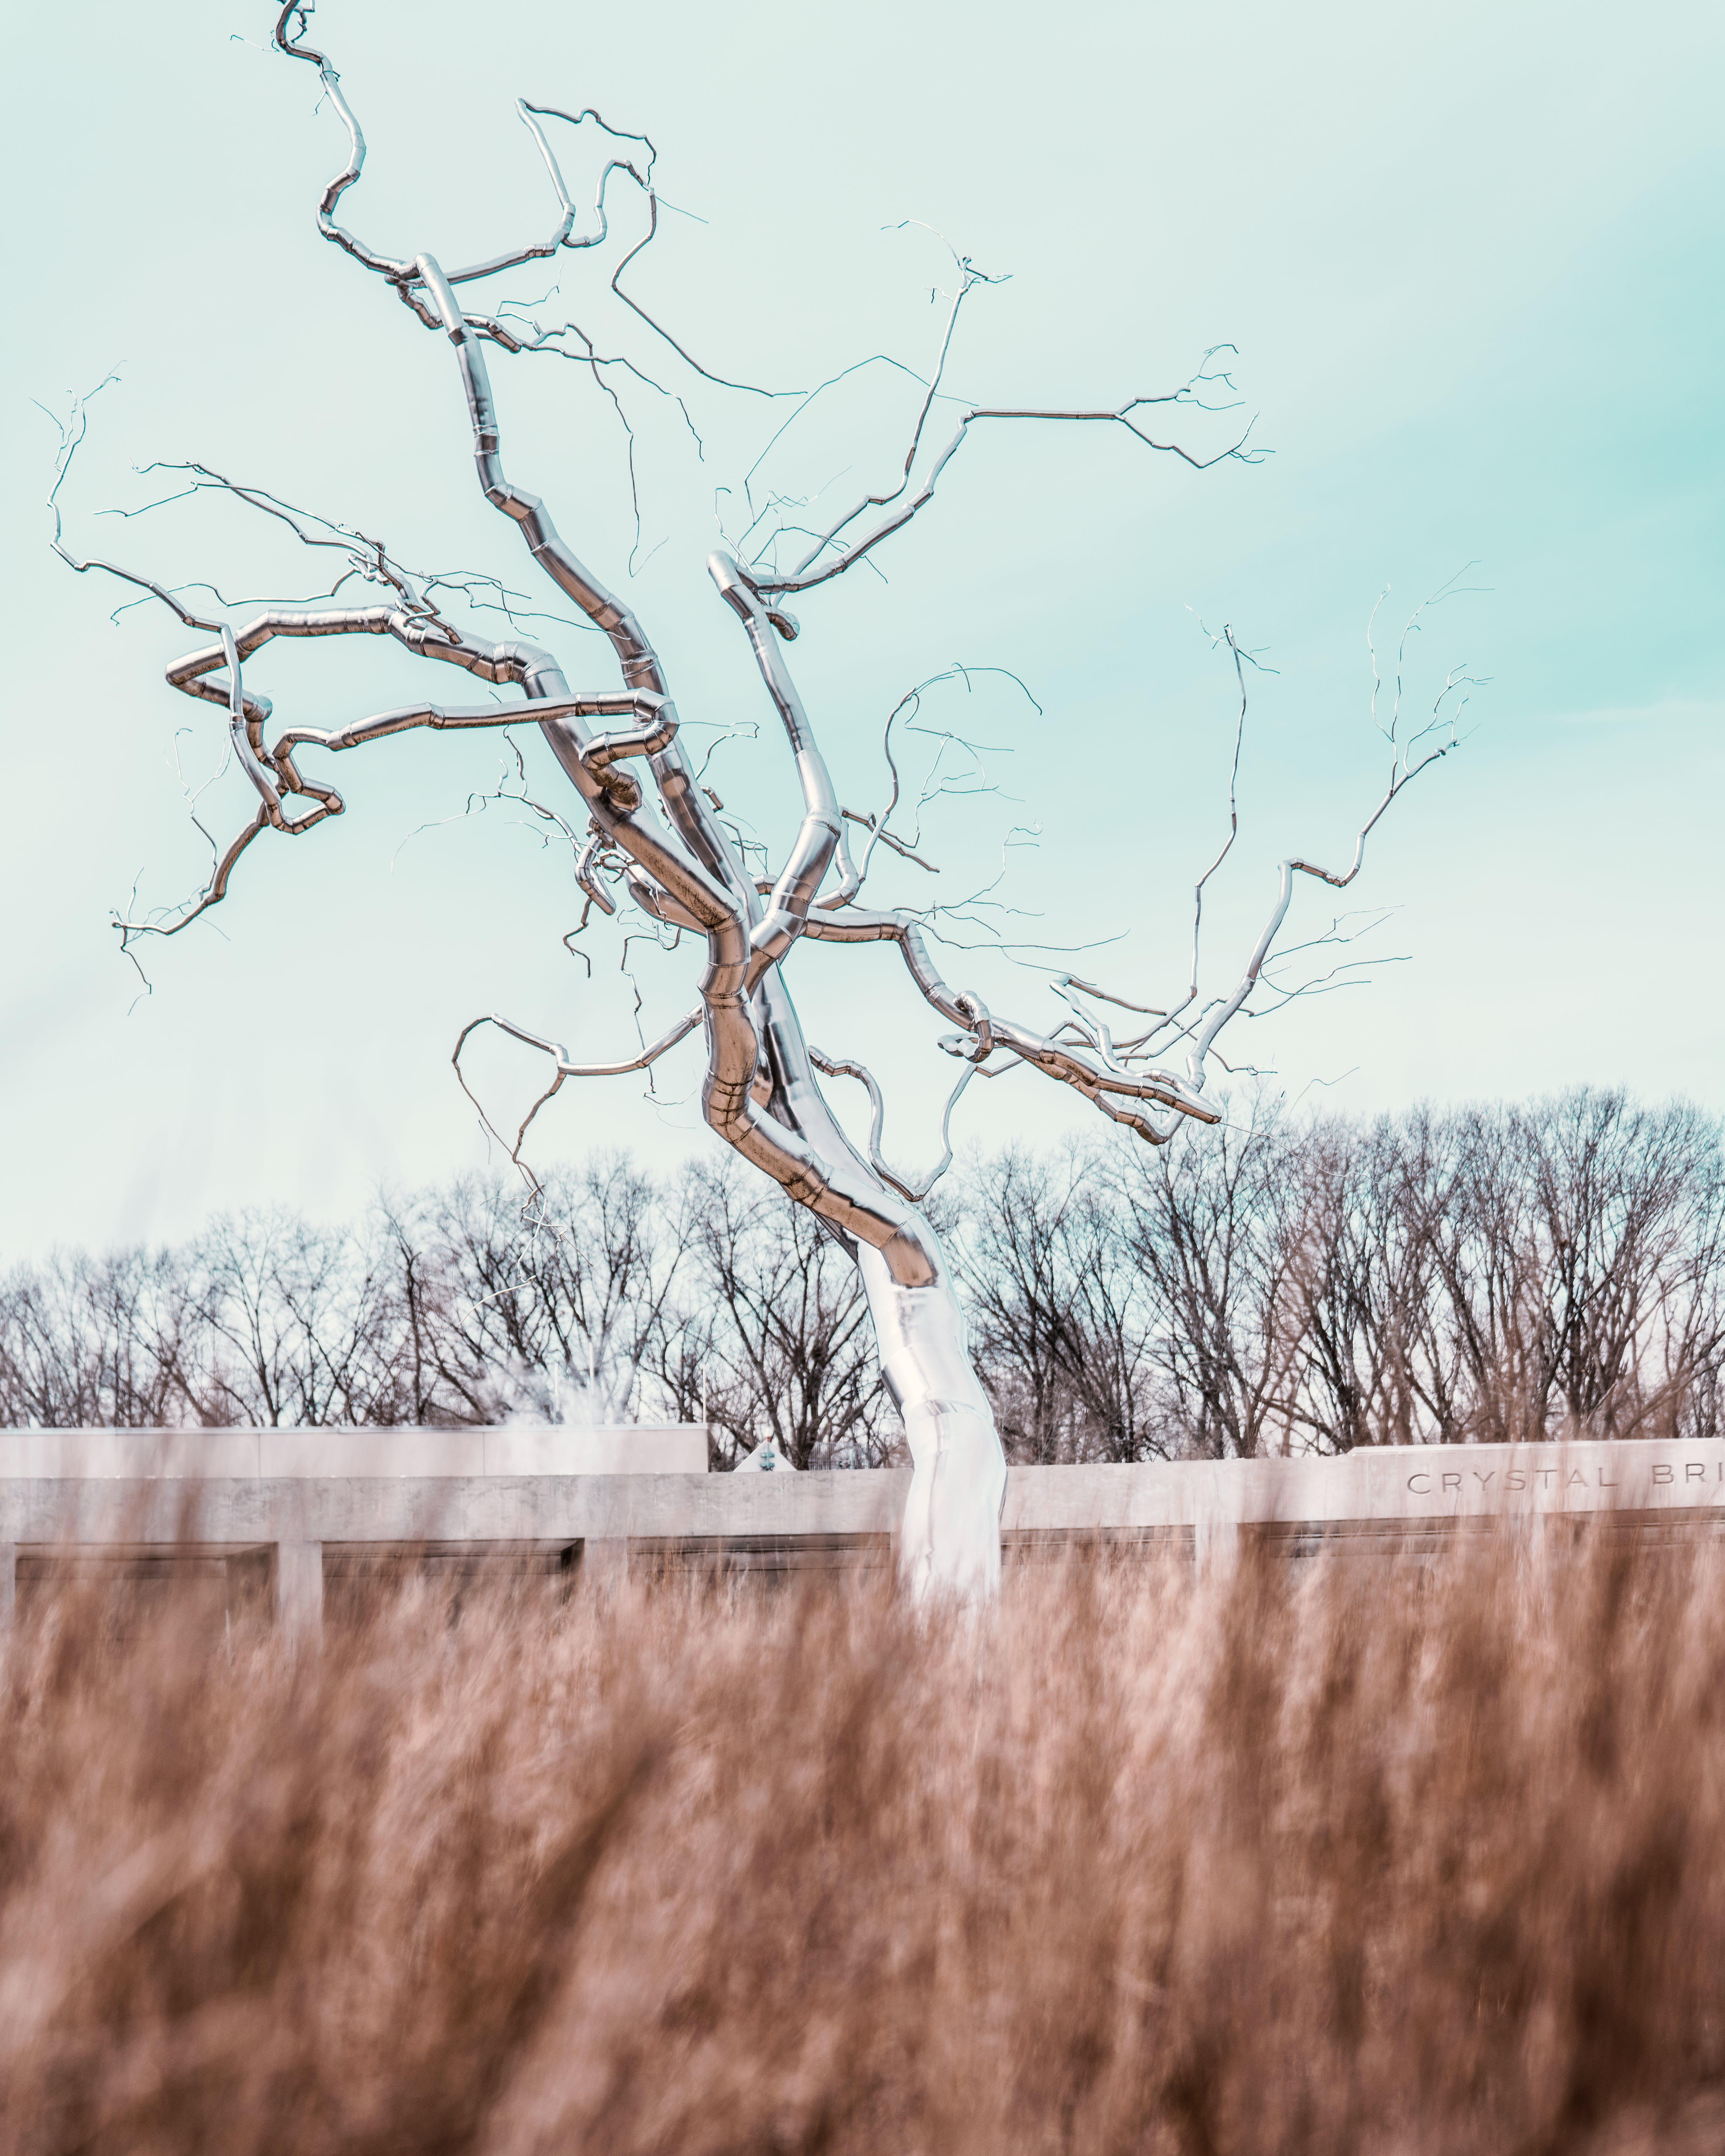 冬季, 冷, 分支機構, 原本 的 免费素材照片